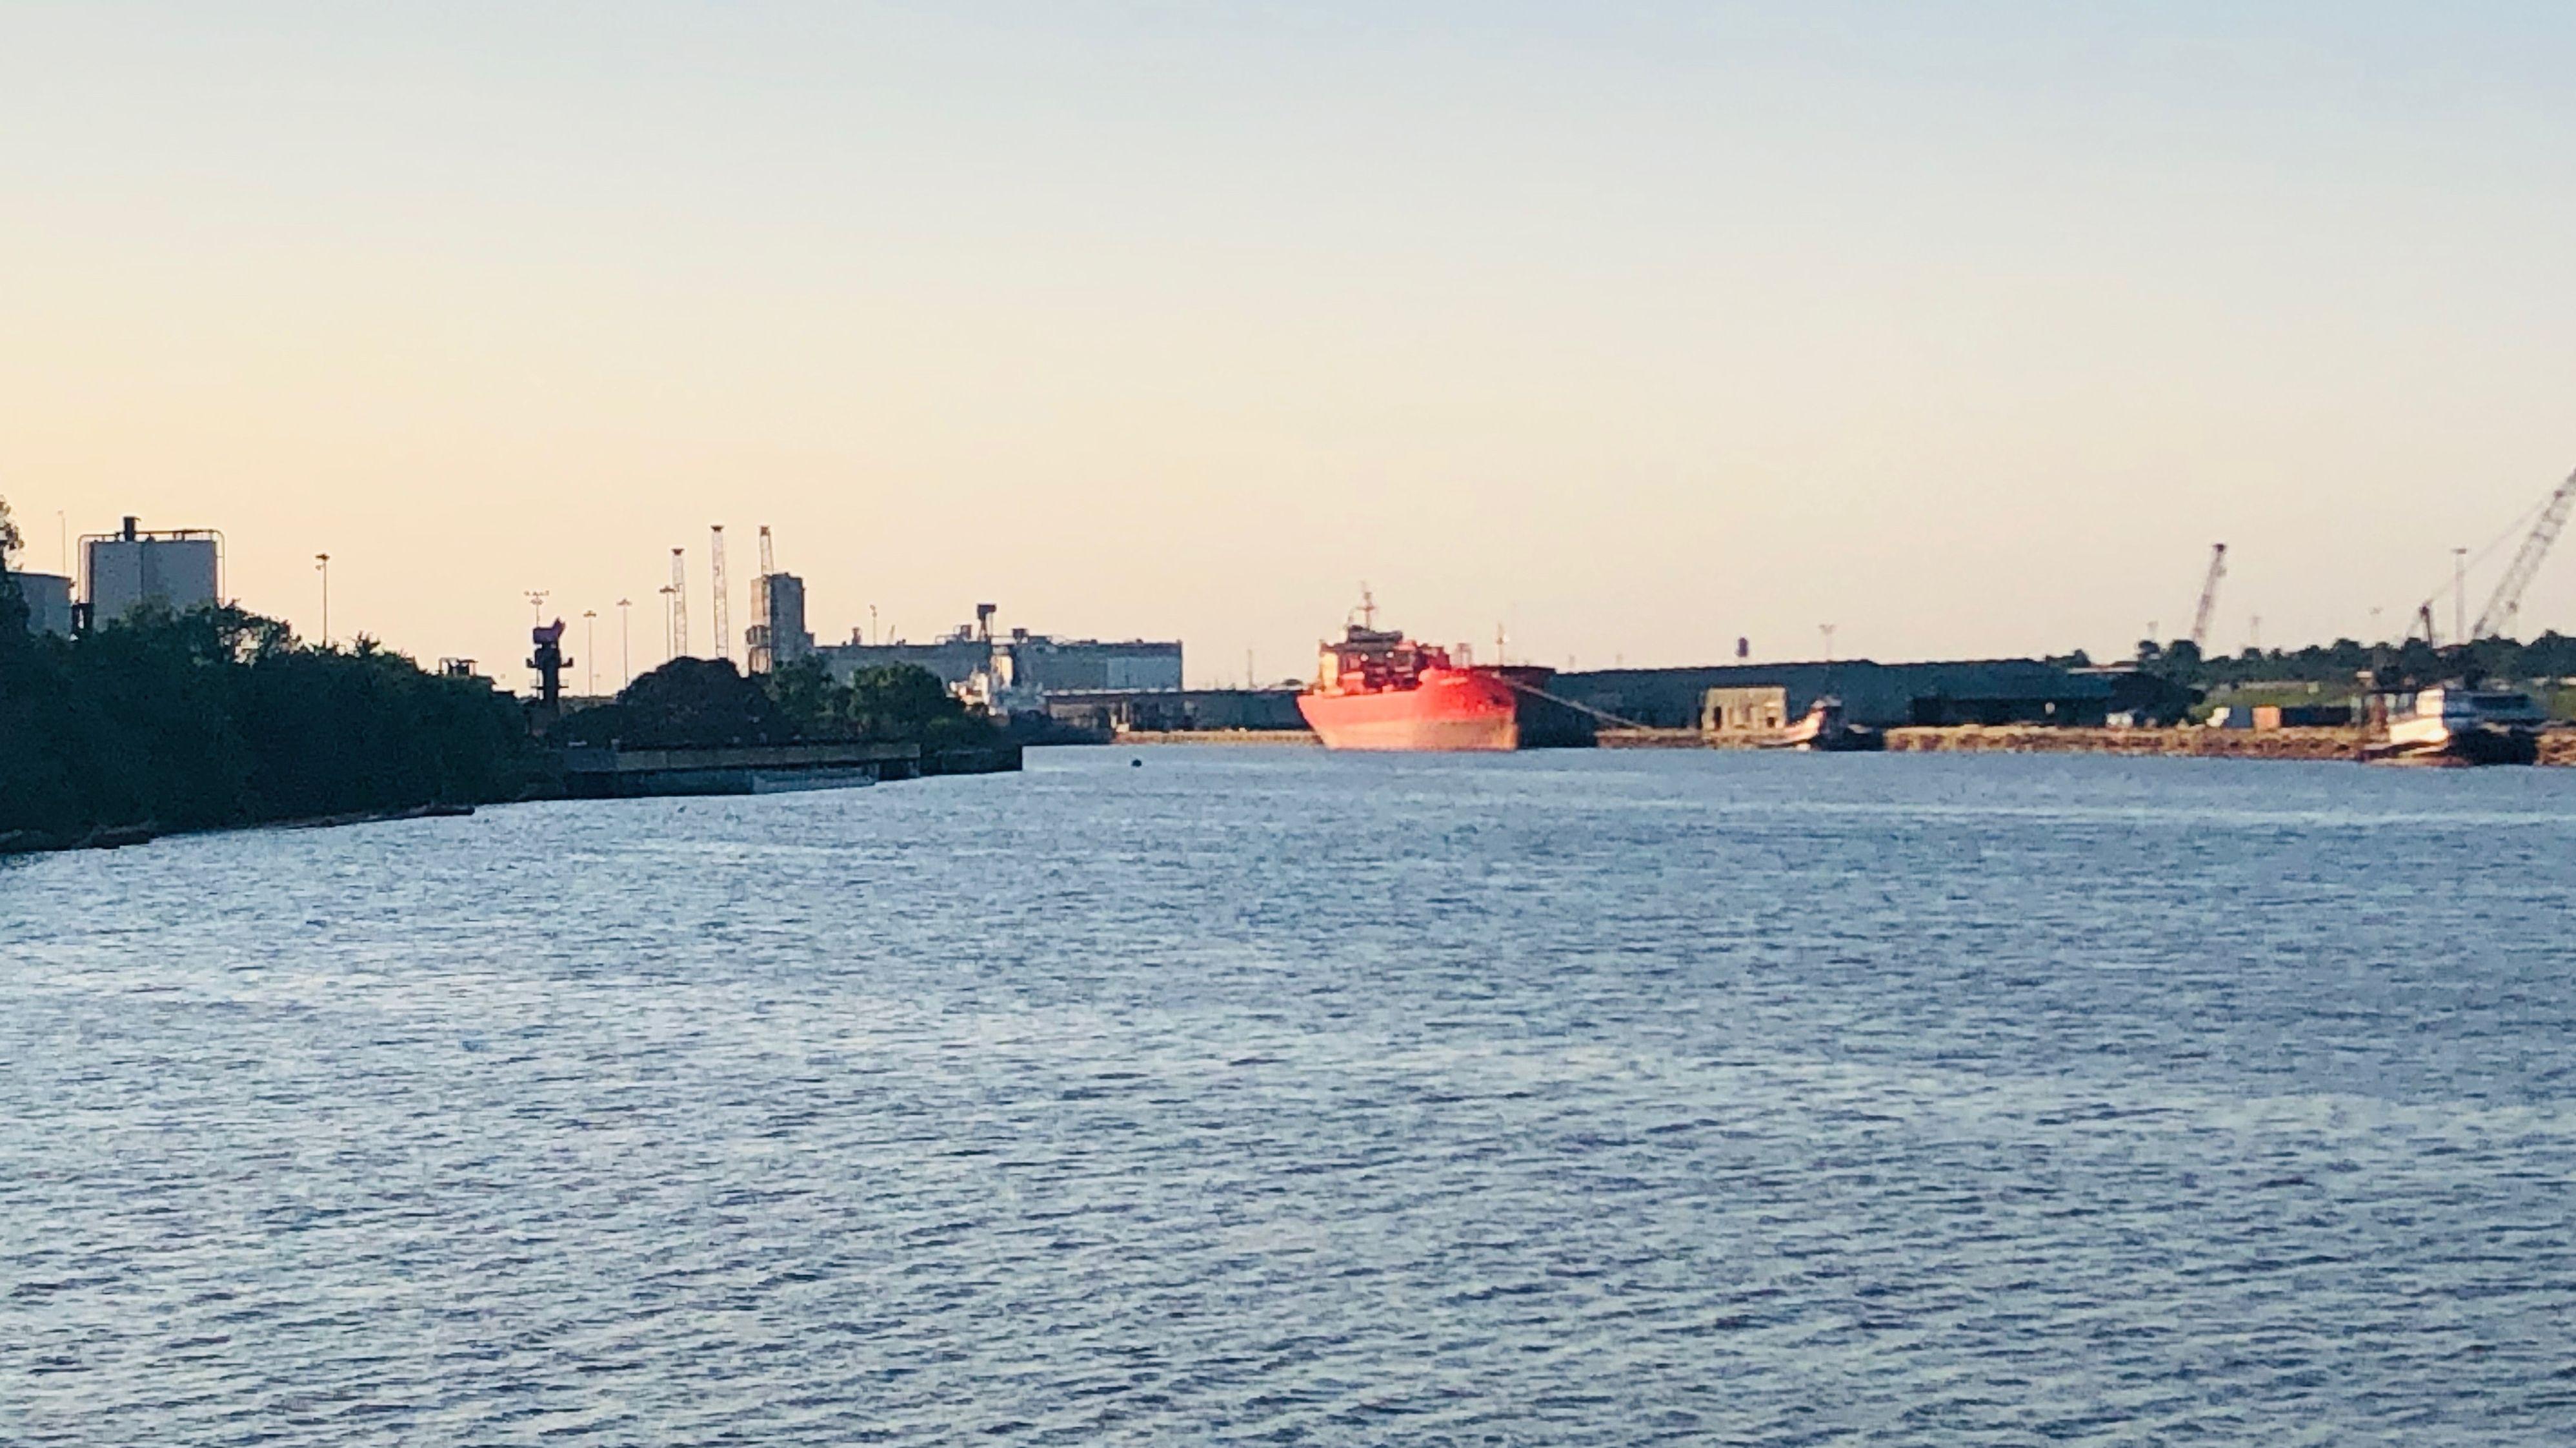 Der Buffalo Bayou Fluss auch genannt - Houston Schiffskanal. Eine der am schnellsten wachsenden Regionen für Öl- und Gasgeschäfte der Welt.